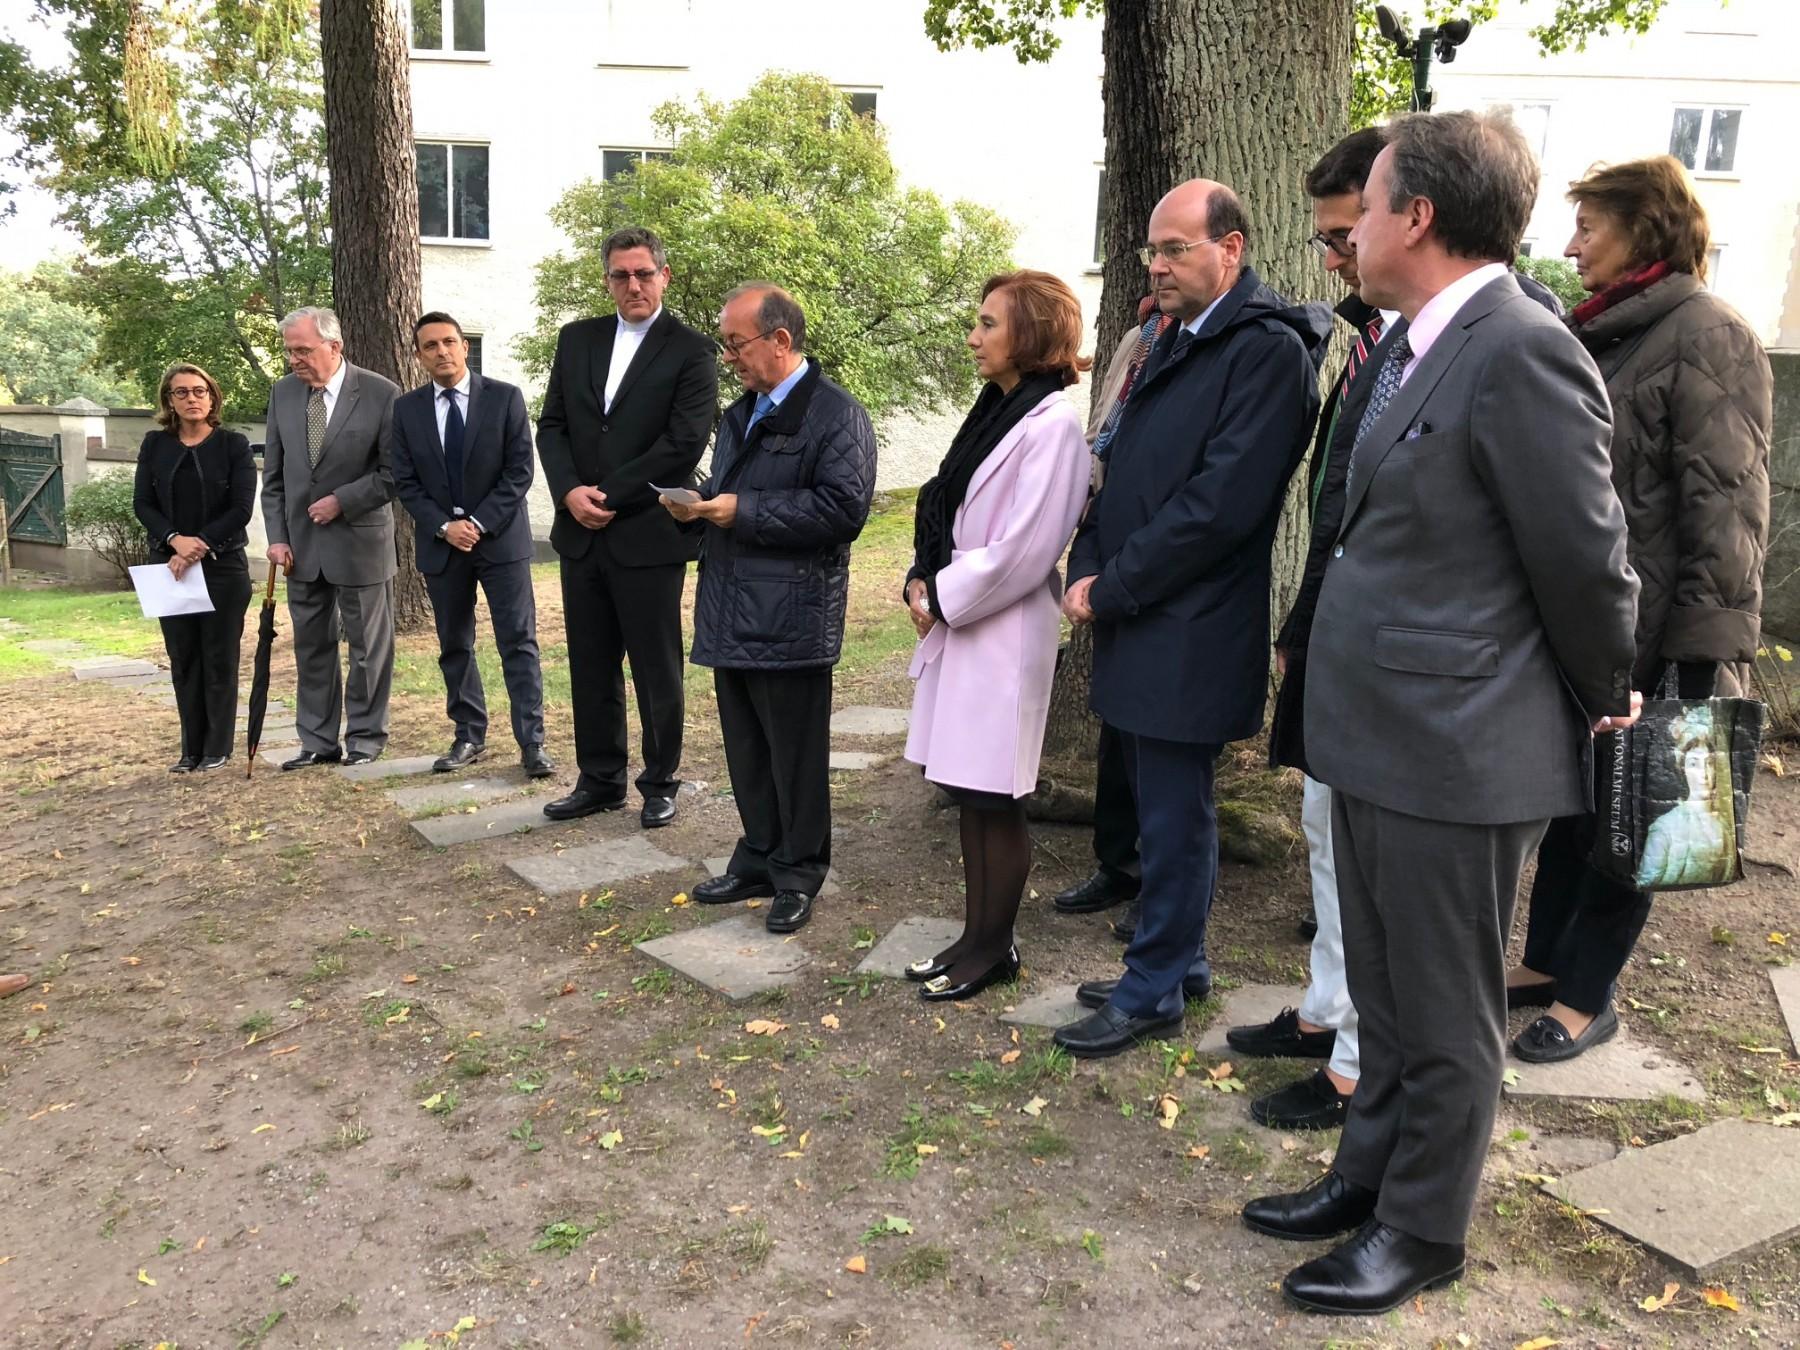 The speech by the Italian Ambassador Mario Cospito